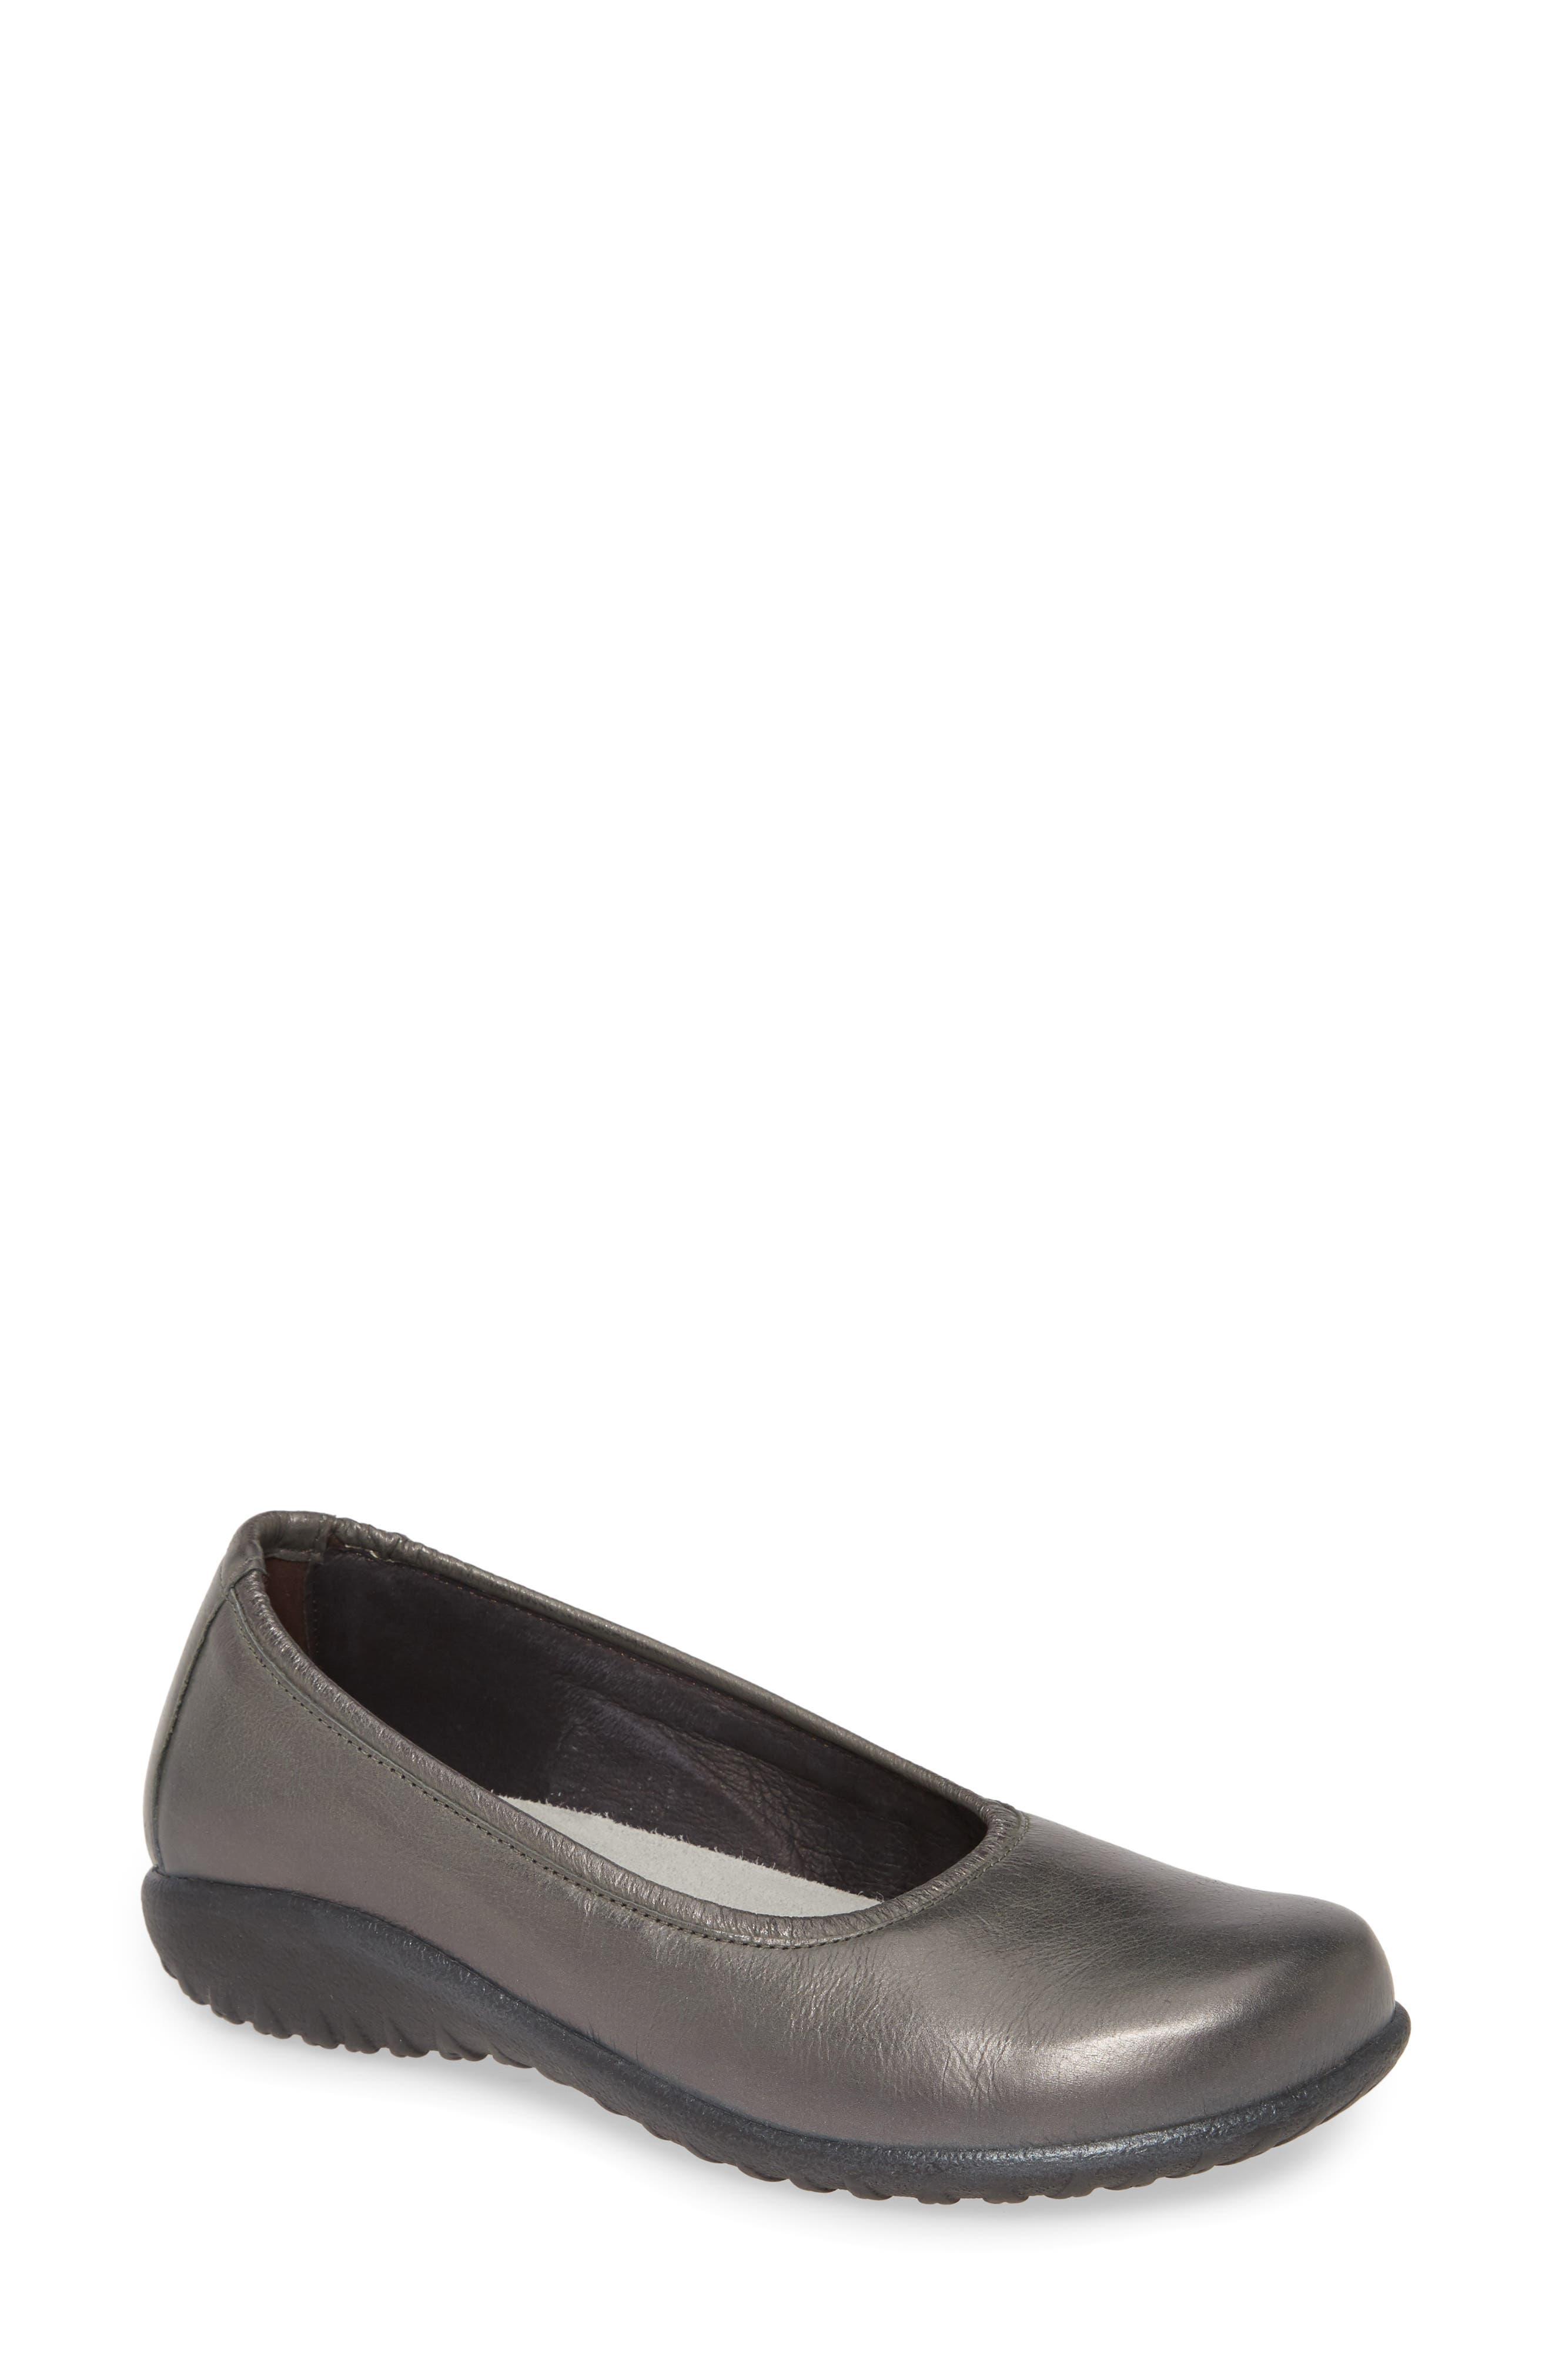 Women's Naot Shoes Sale \u0026 Clearance